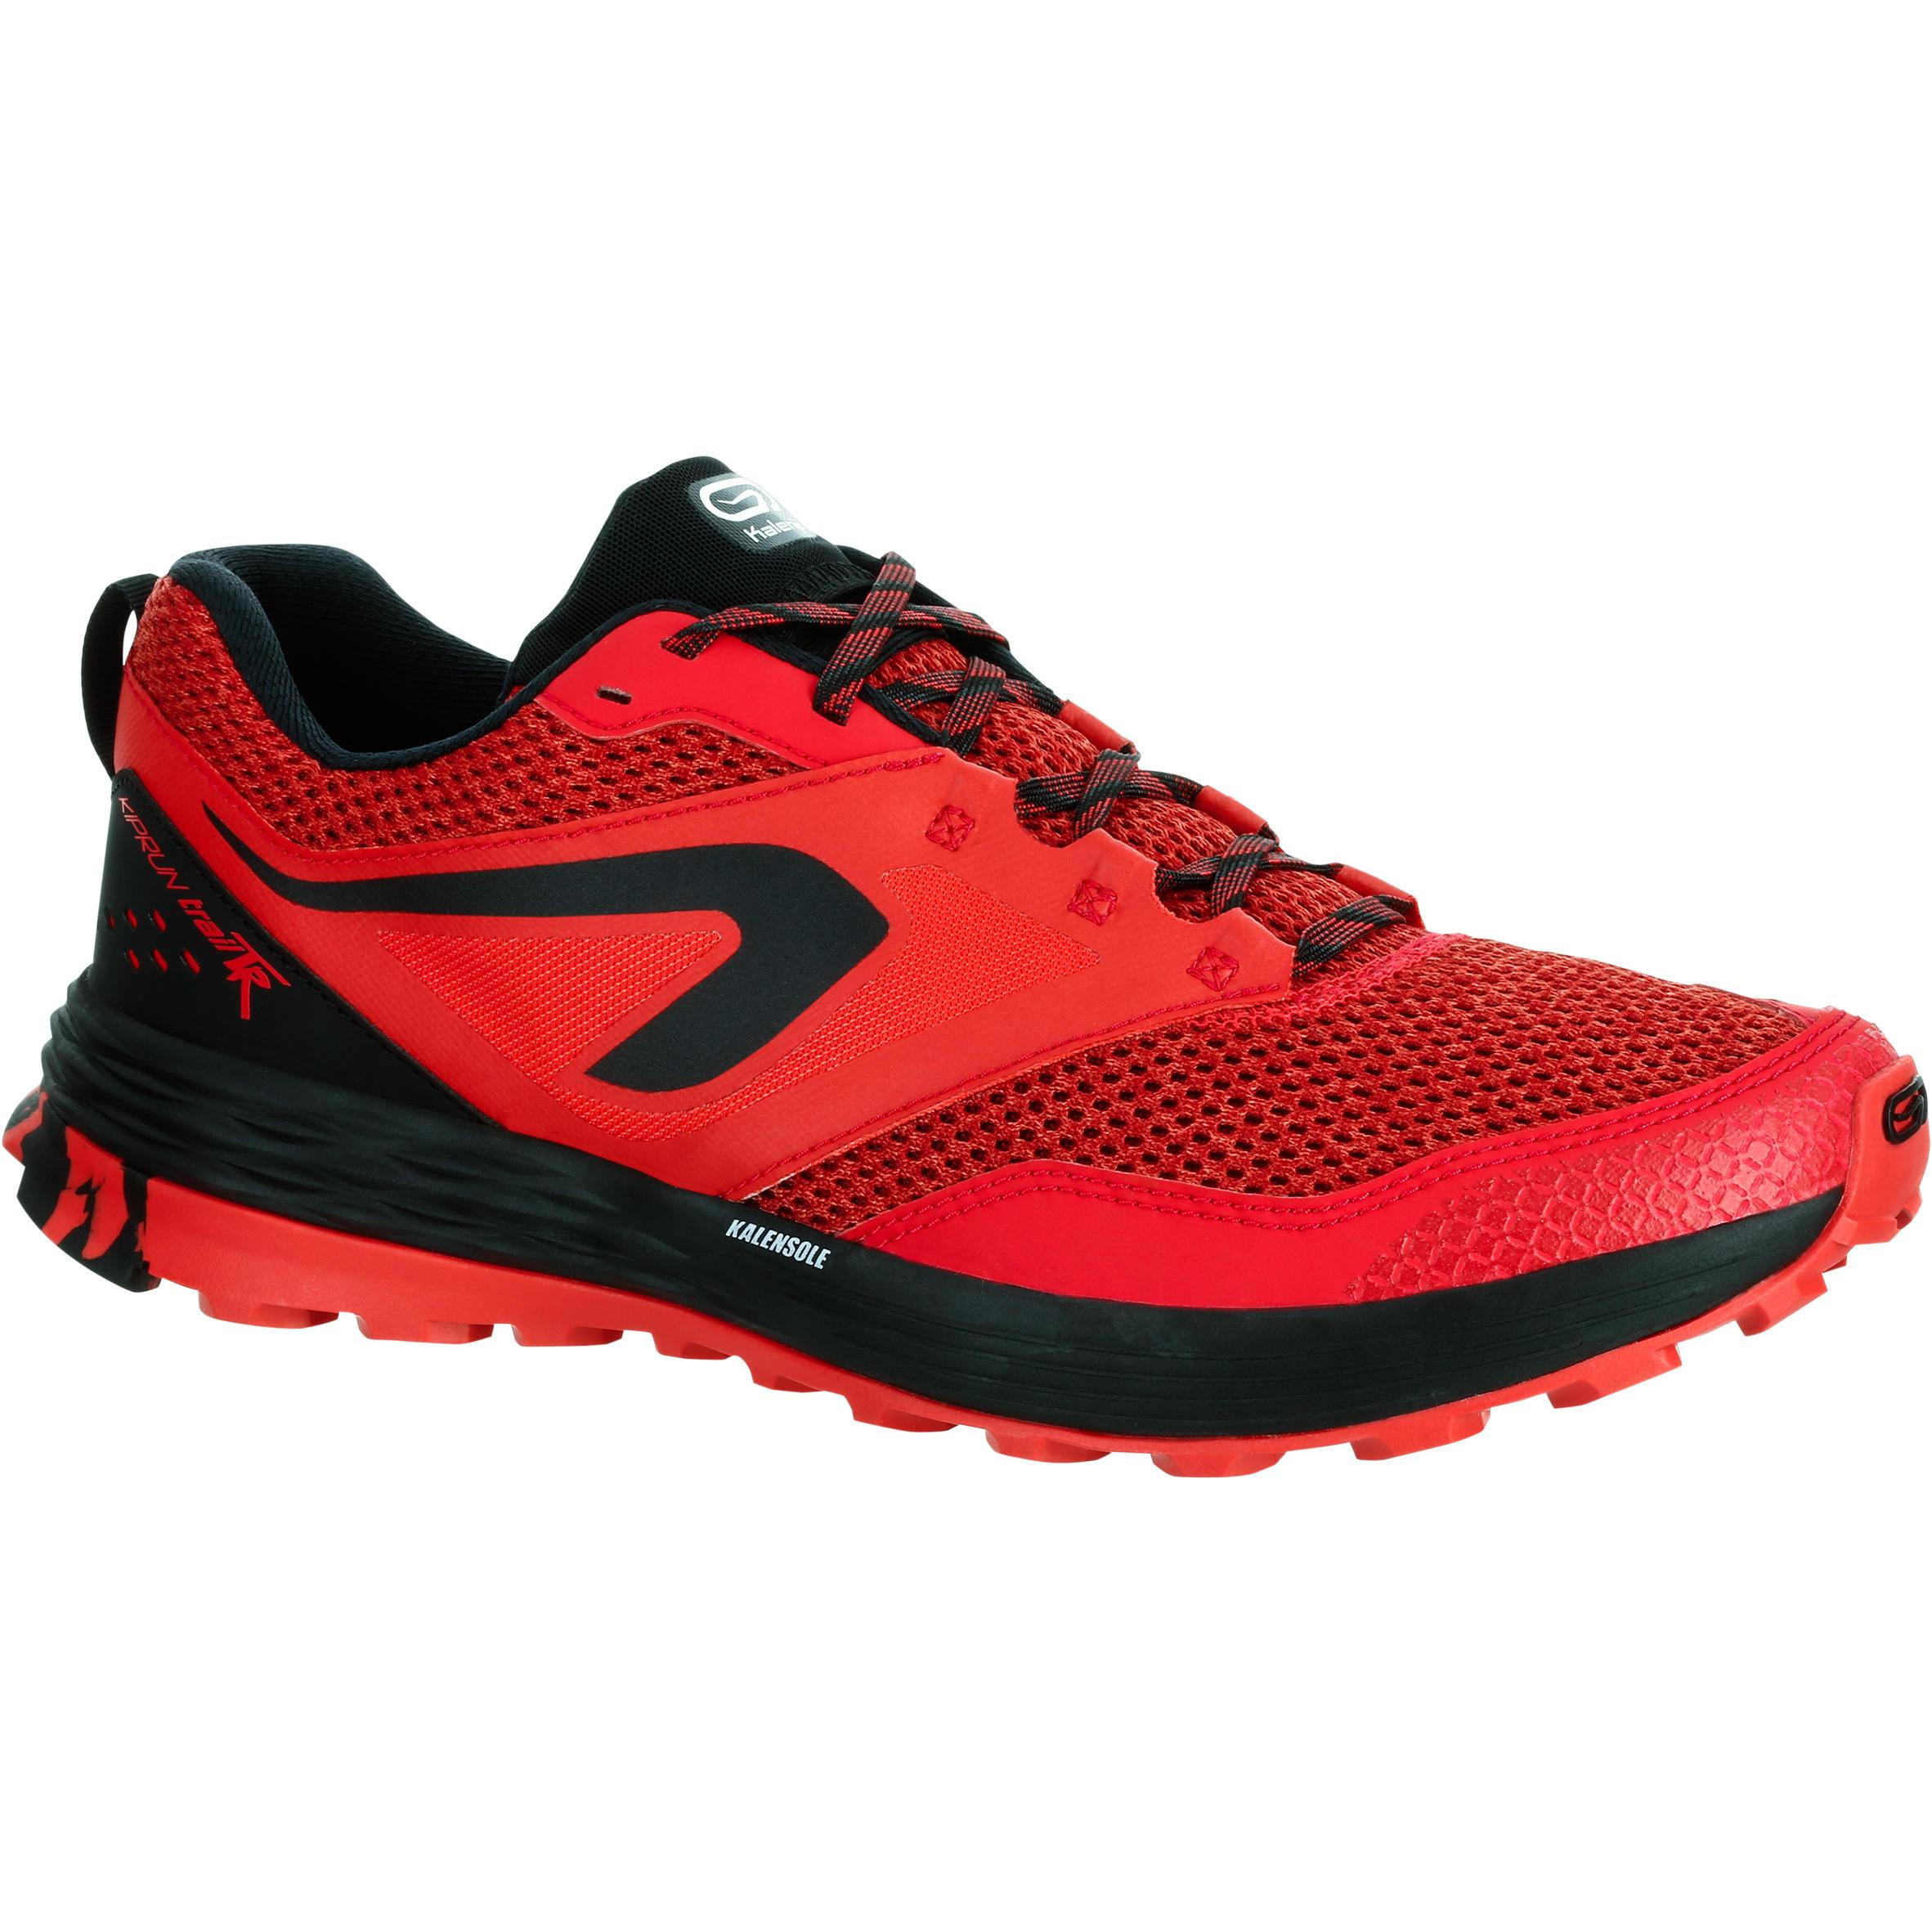 Homme Noir Tjfclk1 Chaussure Running Rouge Trail Tr Kiprun ZOPXiku